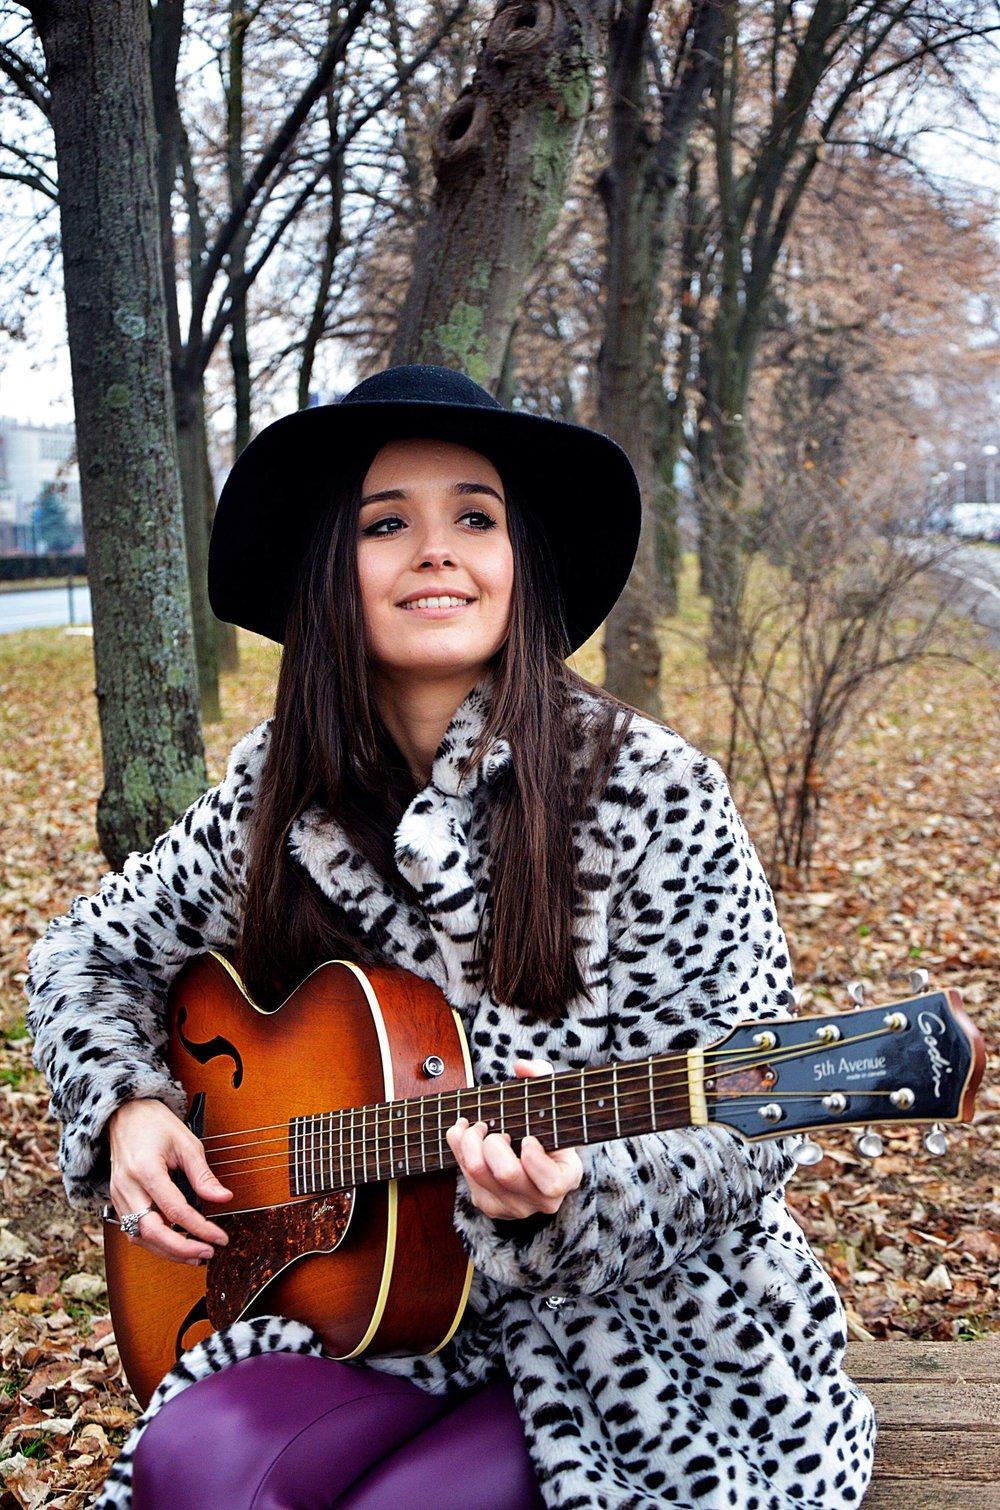 ERNA (DE) - Erna ist Sing- und Songwriterin aus Mainz. Sie entdeckte die Leidenschaft für Musik schon in ihren jungen Jahren.Ihre Musik beinhaltet oft Thematiken wie menschliche Beziehungen, Kämpfe, Niederlagen und den Aufstieg. Ihre Musik harmonisiert zwischen Blues, Soul und verträumtem Pop. Ihre Interpretationen vereinen ihre warme, aufrichtige und tiefe Altstimme mit ihren Gitarrenklängen. Ihre erste EP